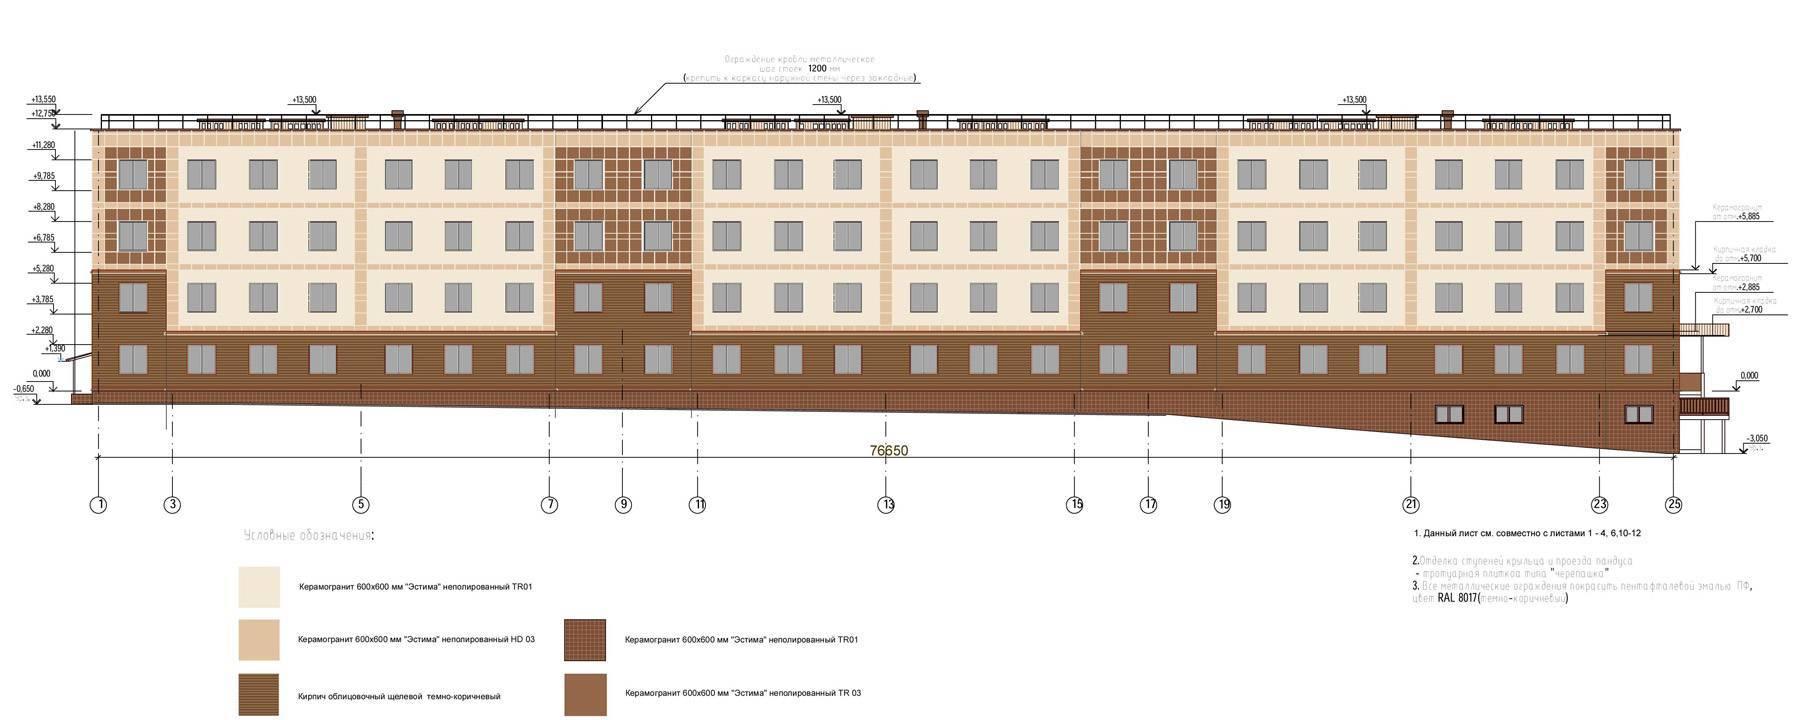 Хрущевка тип дома 5 этажей. высота пятиэтажного дома в метрах: от чего зависит высота хрущевки